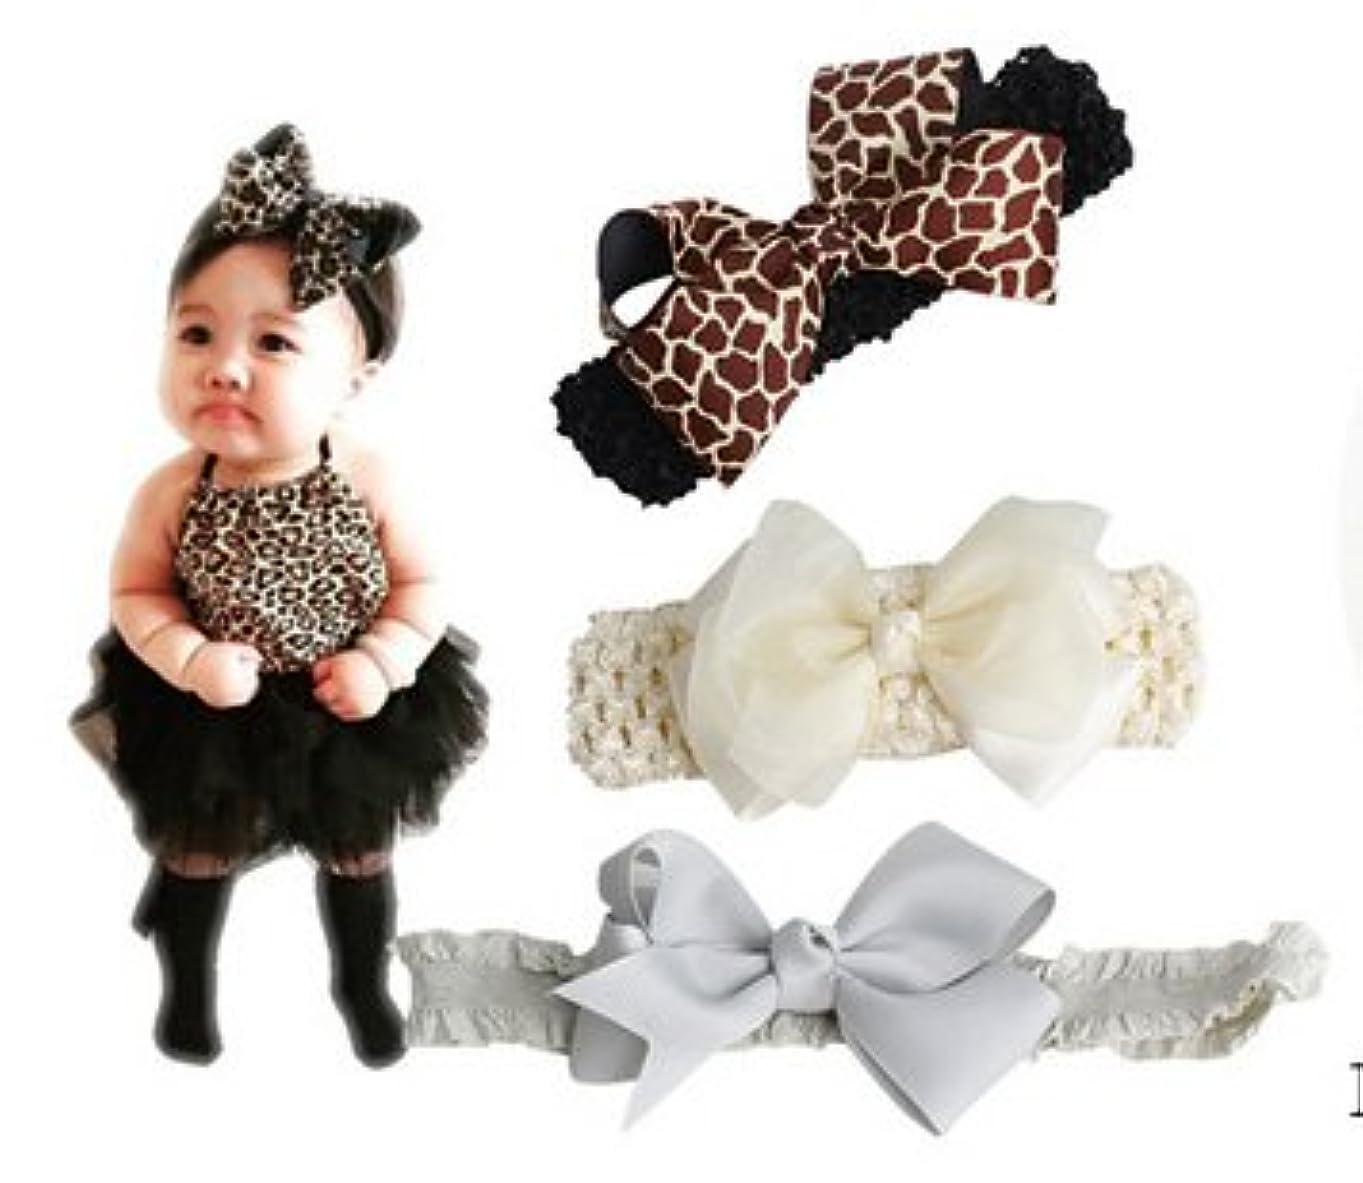 論理虹習熟度ベビー 用 ヘアバンド 3点セット 伸縮性 赤ちゃん はなリボン 髪飾り 出産祝い 内祝い 誕生日 記念撮影 カラー (3#)